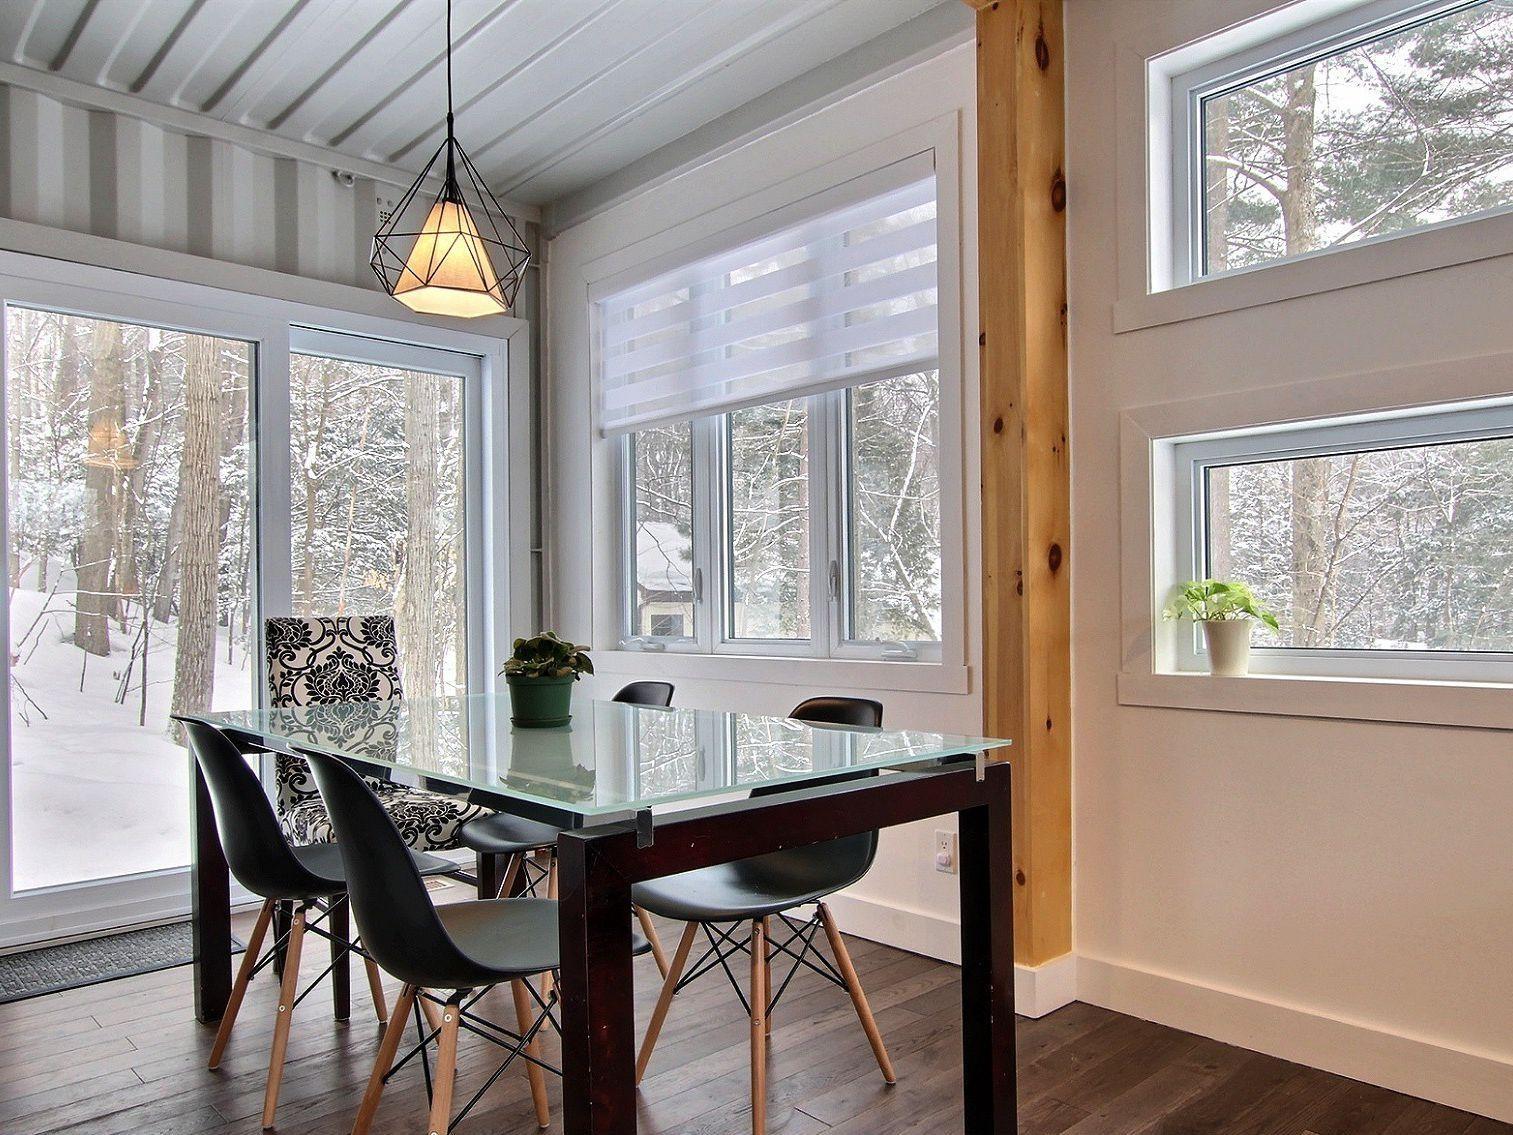 salle-a-manger-maison-a-un-etage-et-demi-a-vendre-rigaud-quebec-province-1600-8478599.jpg